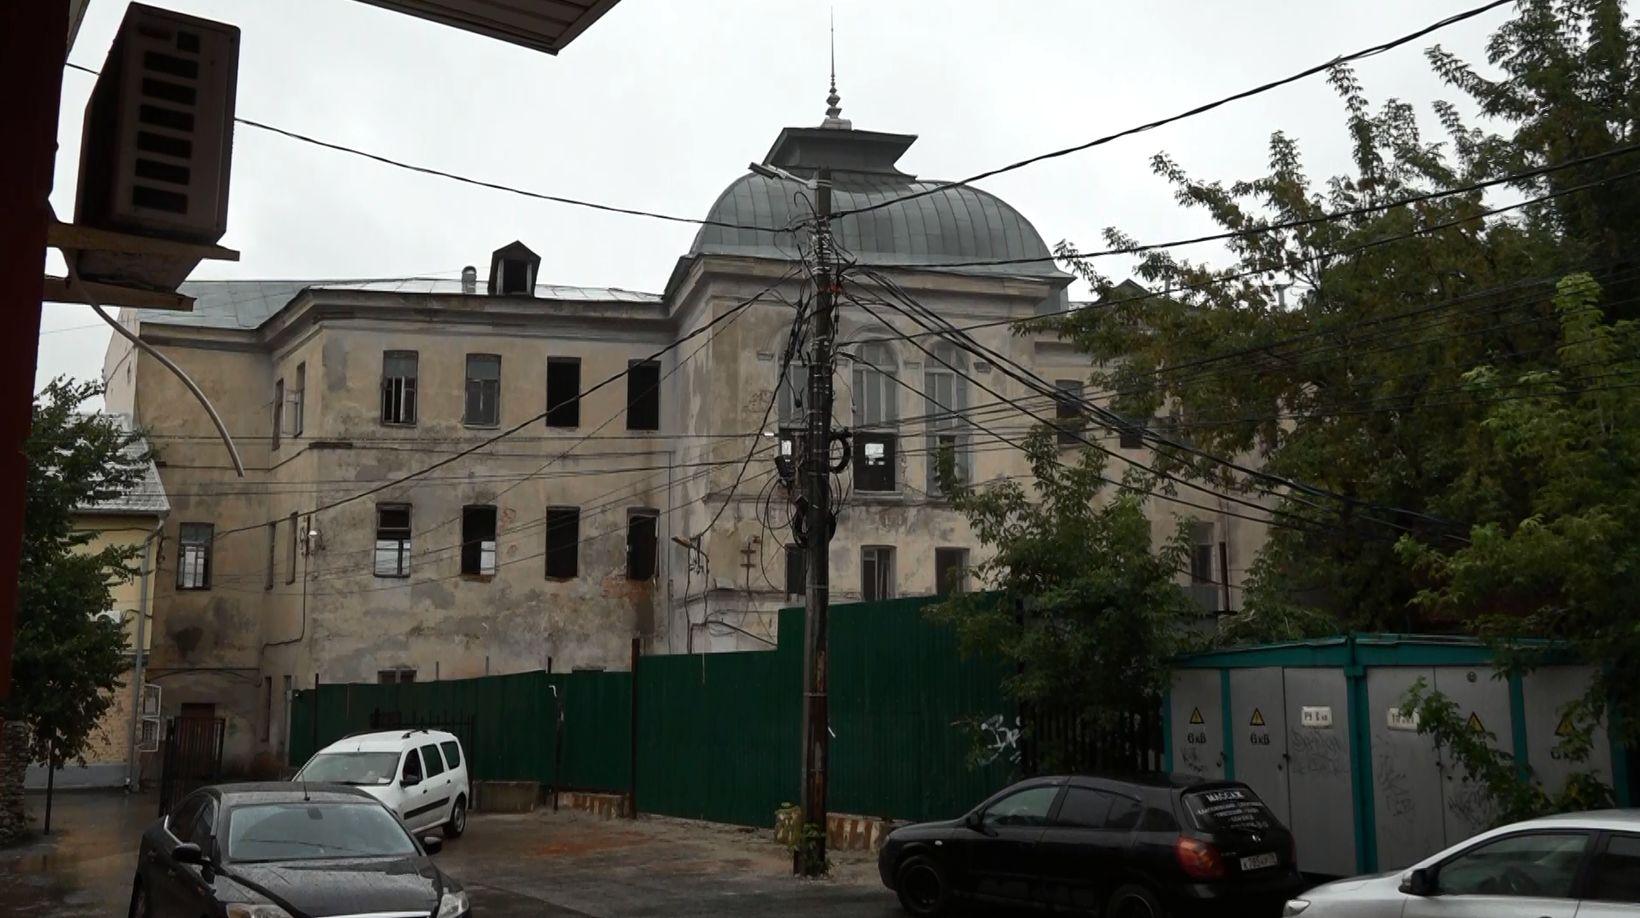 Часть комплекса легендарной гостиницы «Царьград» на улице Андропова в Ярославле была снесена